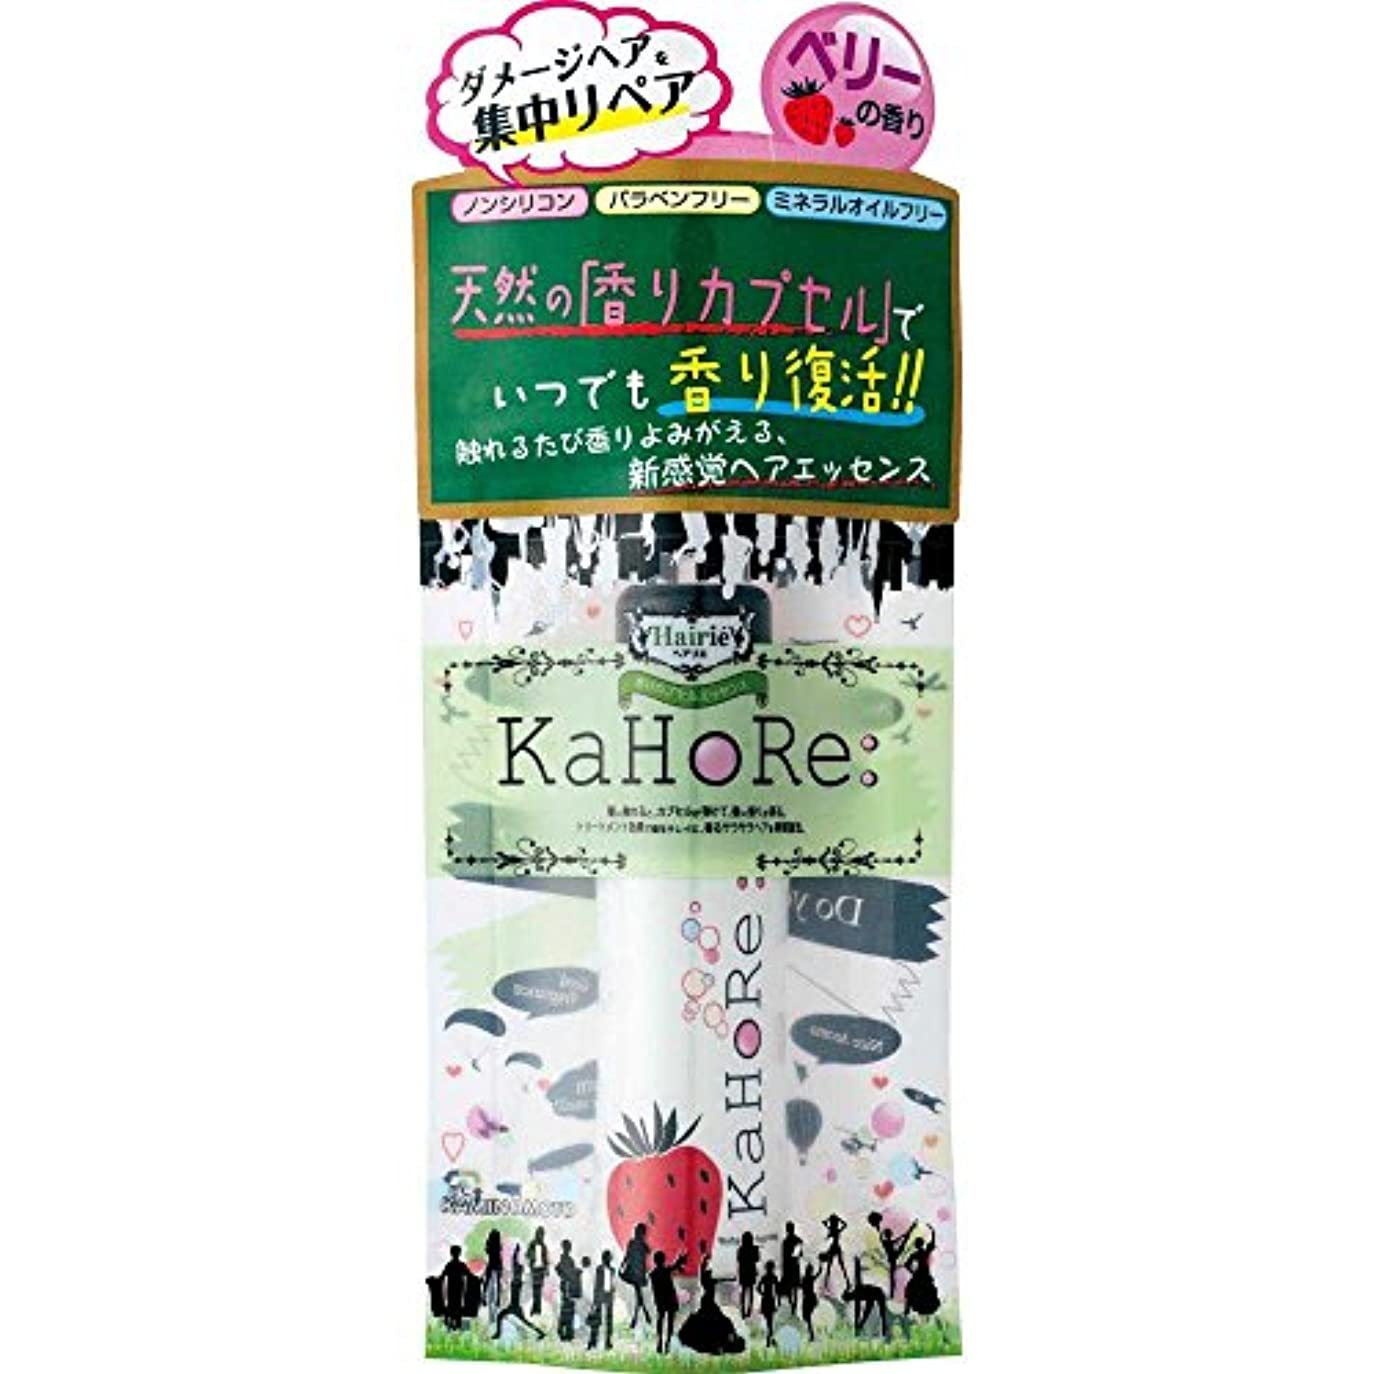 純度アジテーション直径ヘアリエ KaHoRe ヘアエッセンス ミックスベリーの香り 30g